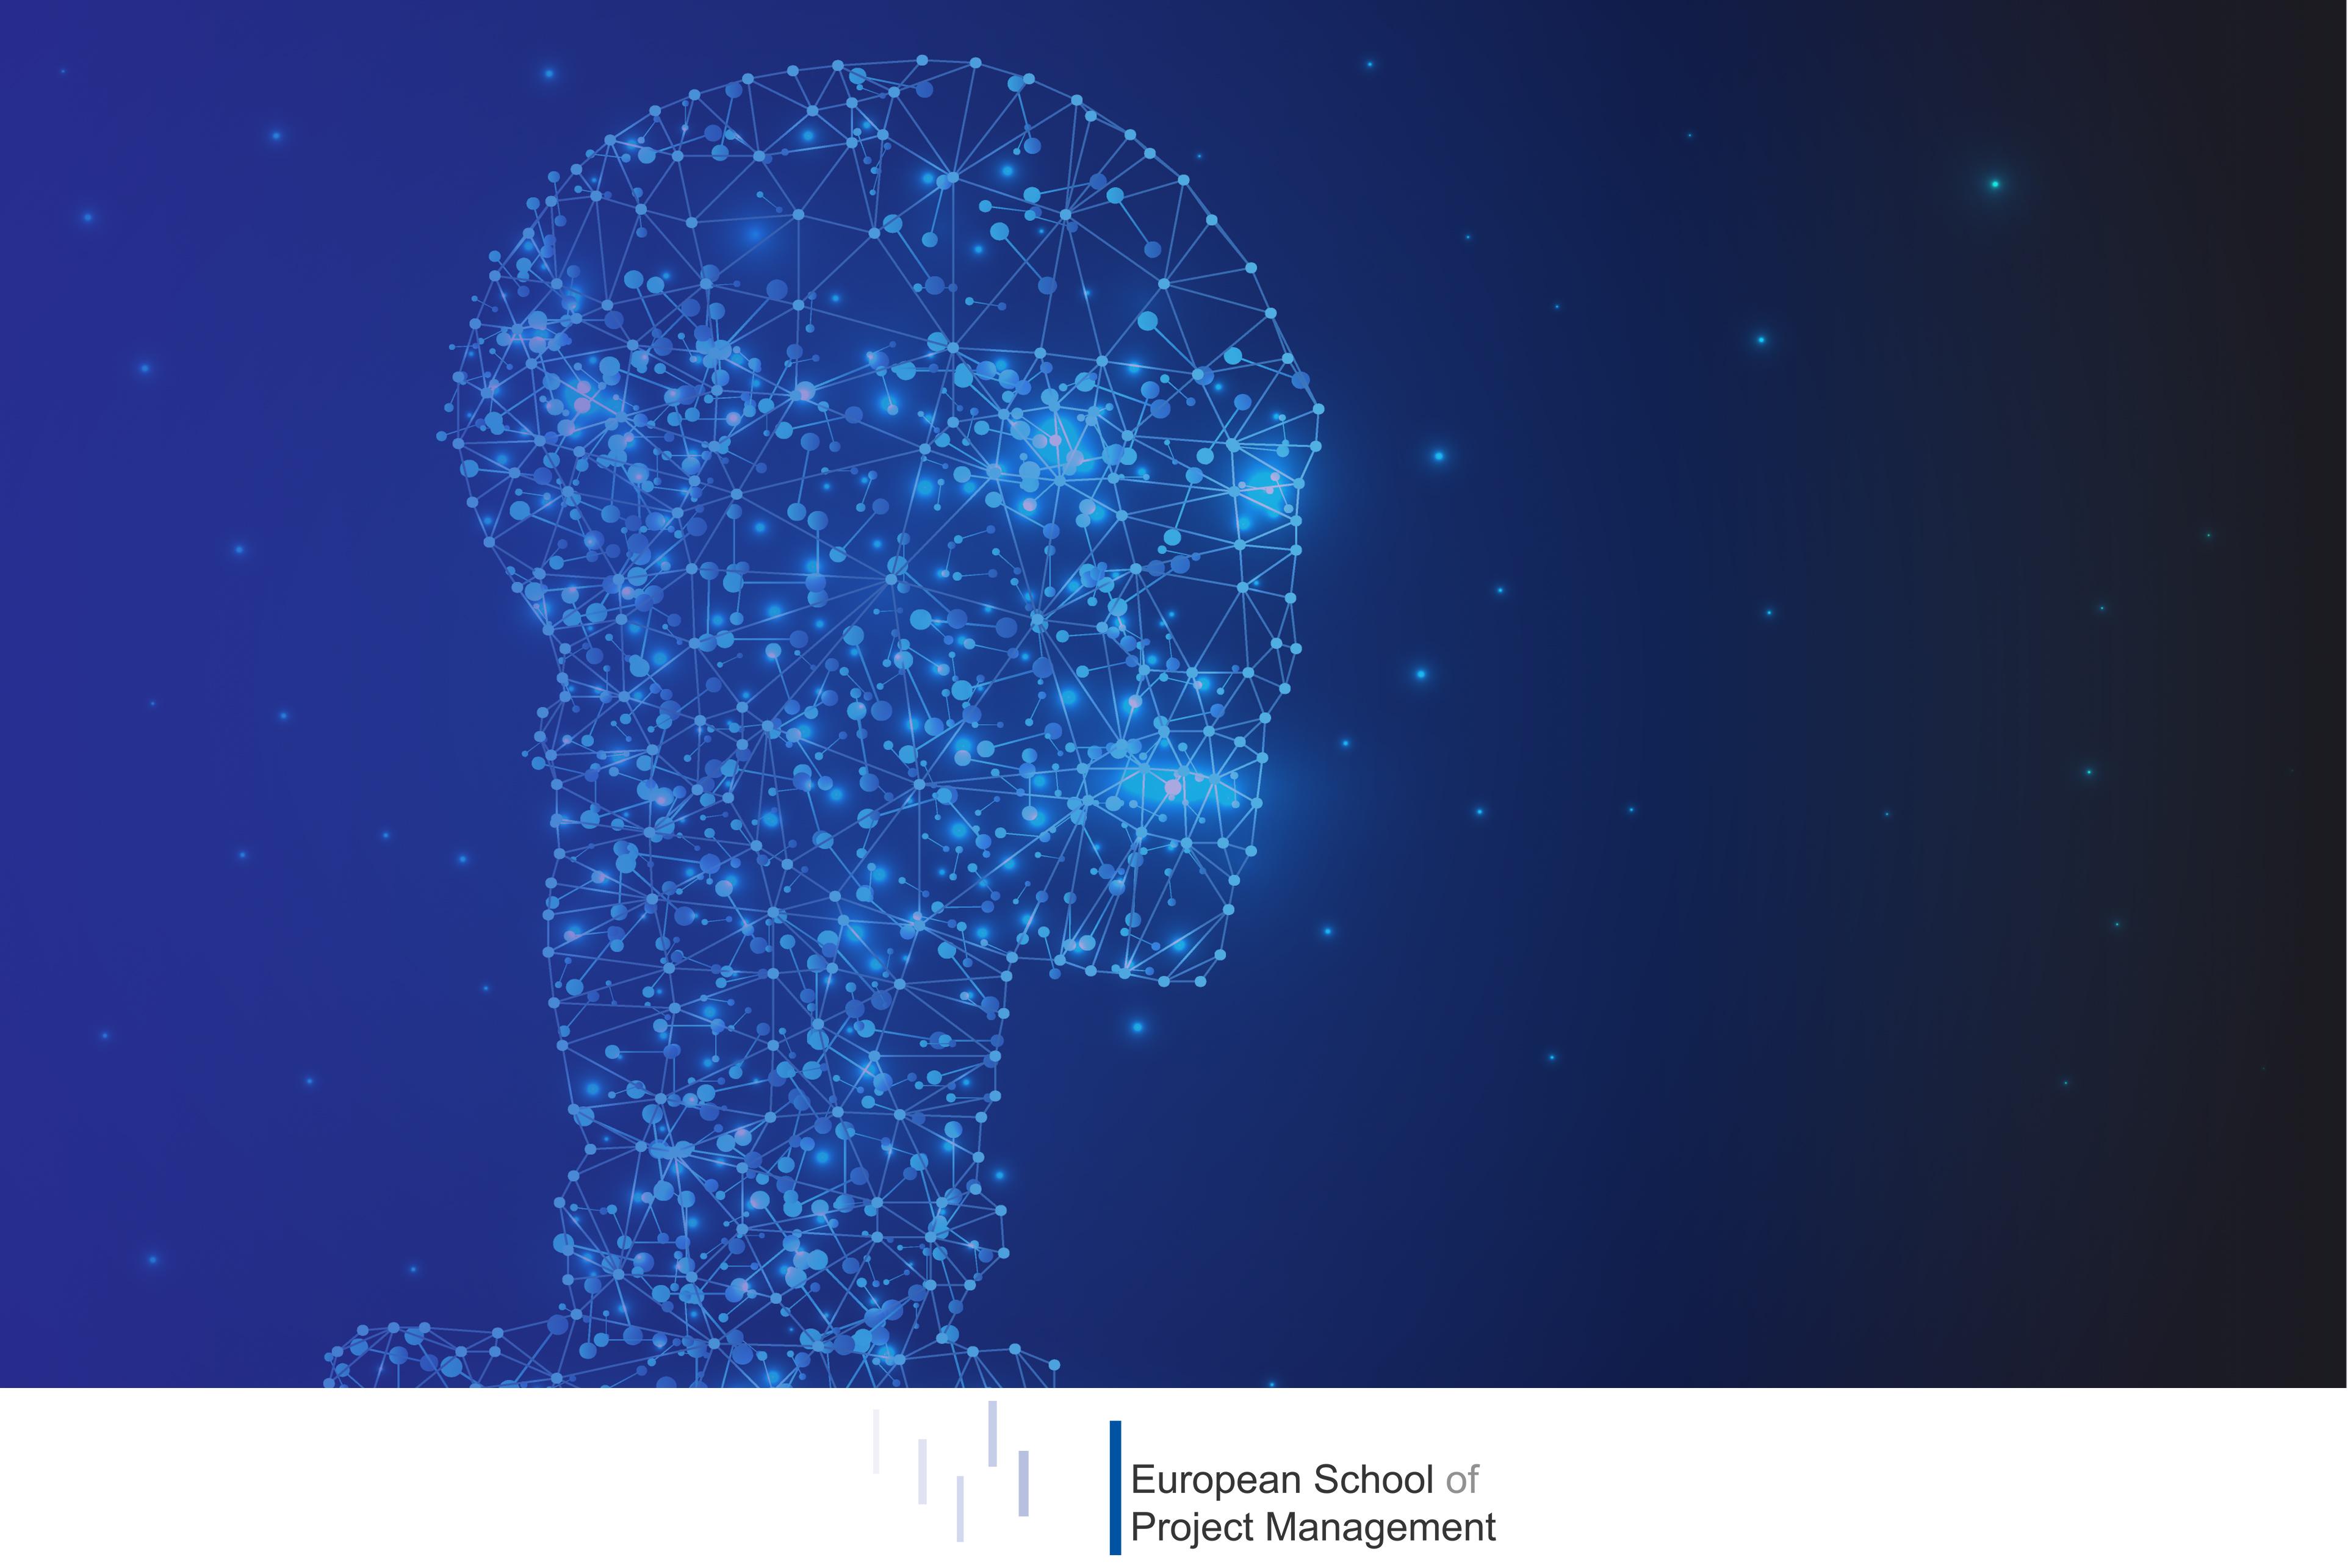 Quale sarà l'impatto dell'intelligenza artificiale sul lavoro del project manager?